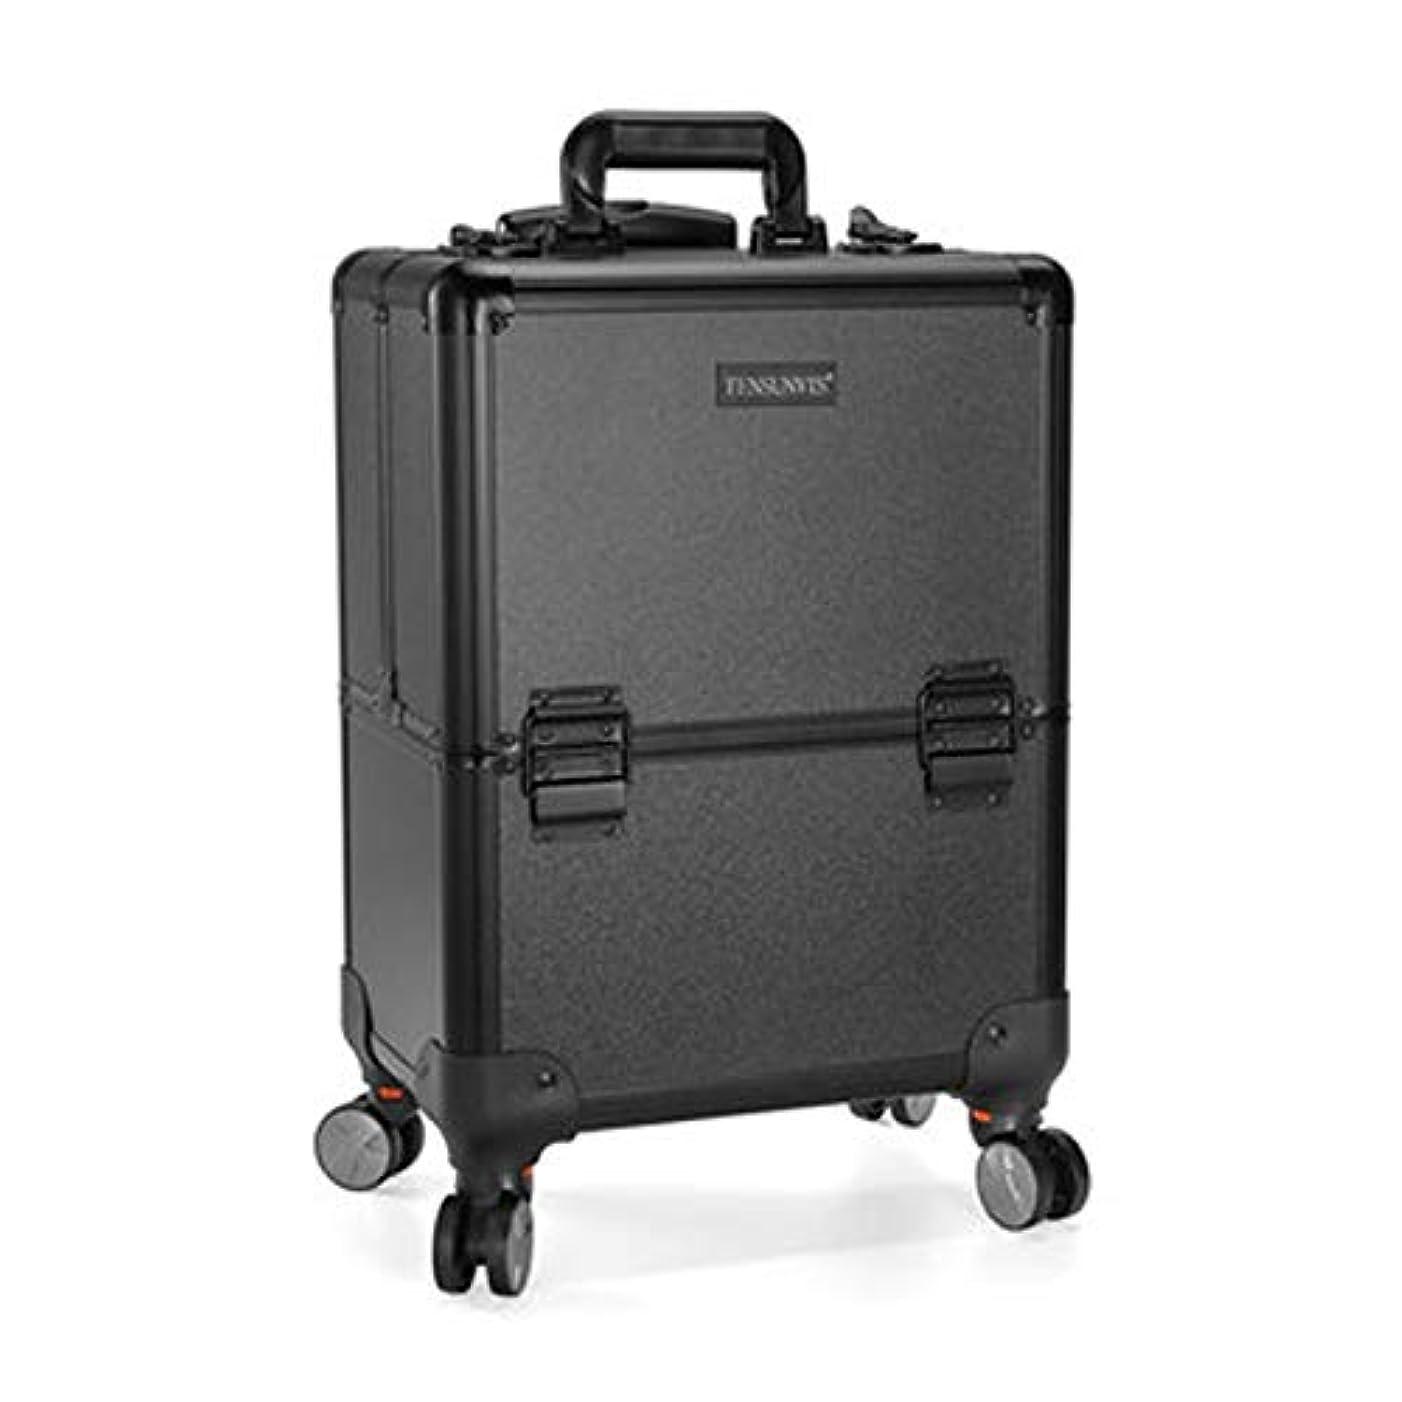 超えて住所販売員プロ専用 美容師 クローゼット スーツケース メイクボックス キャリーバッグ ヘアメイク プロ 大容量 軽量 高品質 多機能 I-TT-317T-B